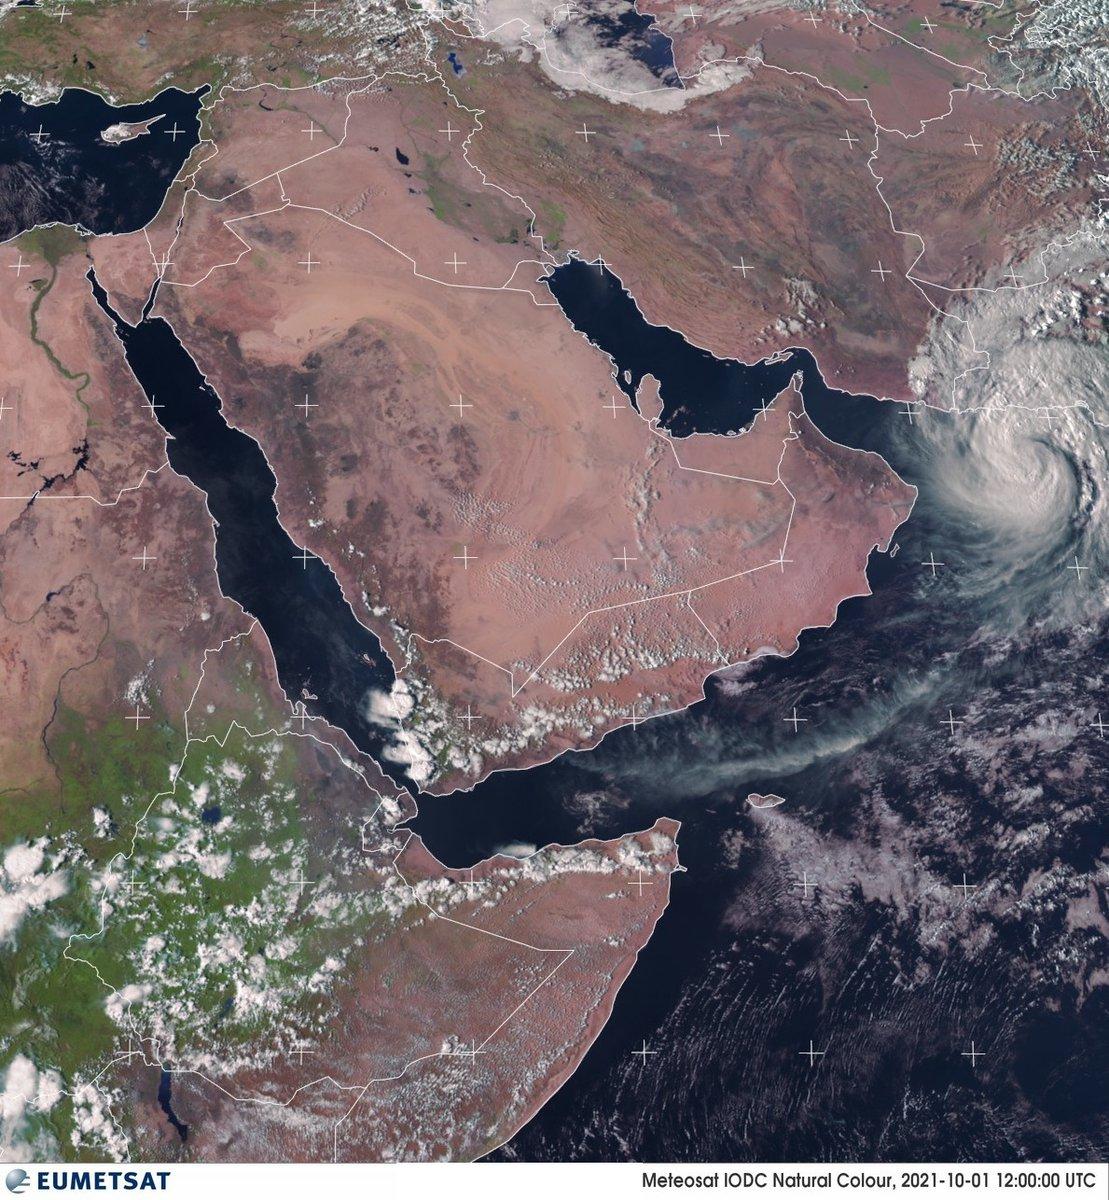 Le cyclone tropical #Gulab s'est développé au large du Pakistan. Il pourrait toucher #Oman en équivalent catégorie 1 (dans la région de Mascate) dans le courant du week-end. Image sat Eumetsat.